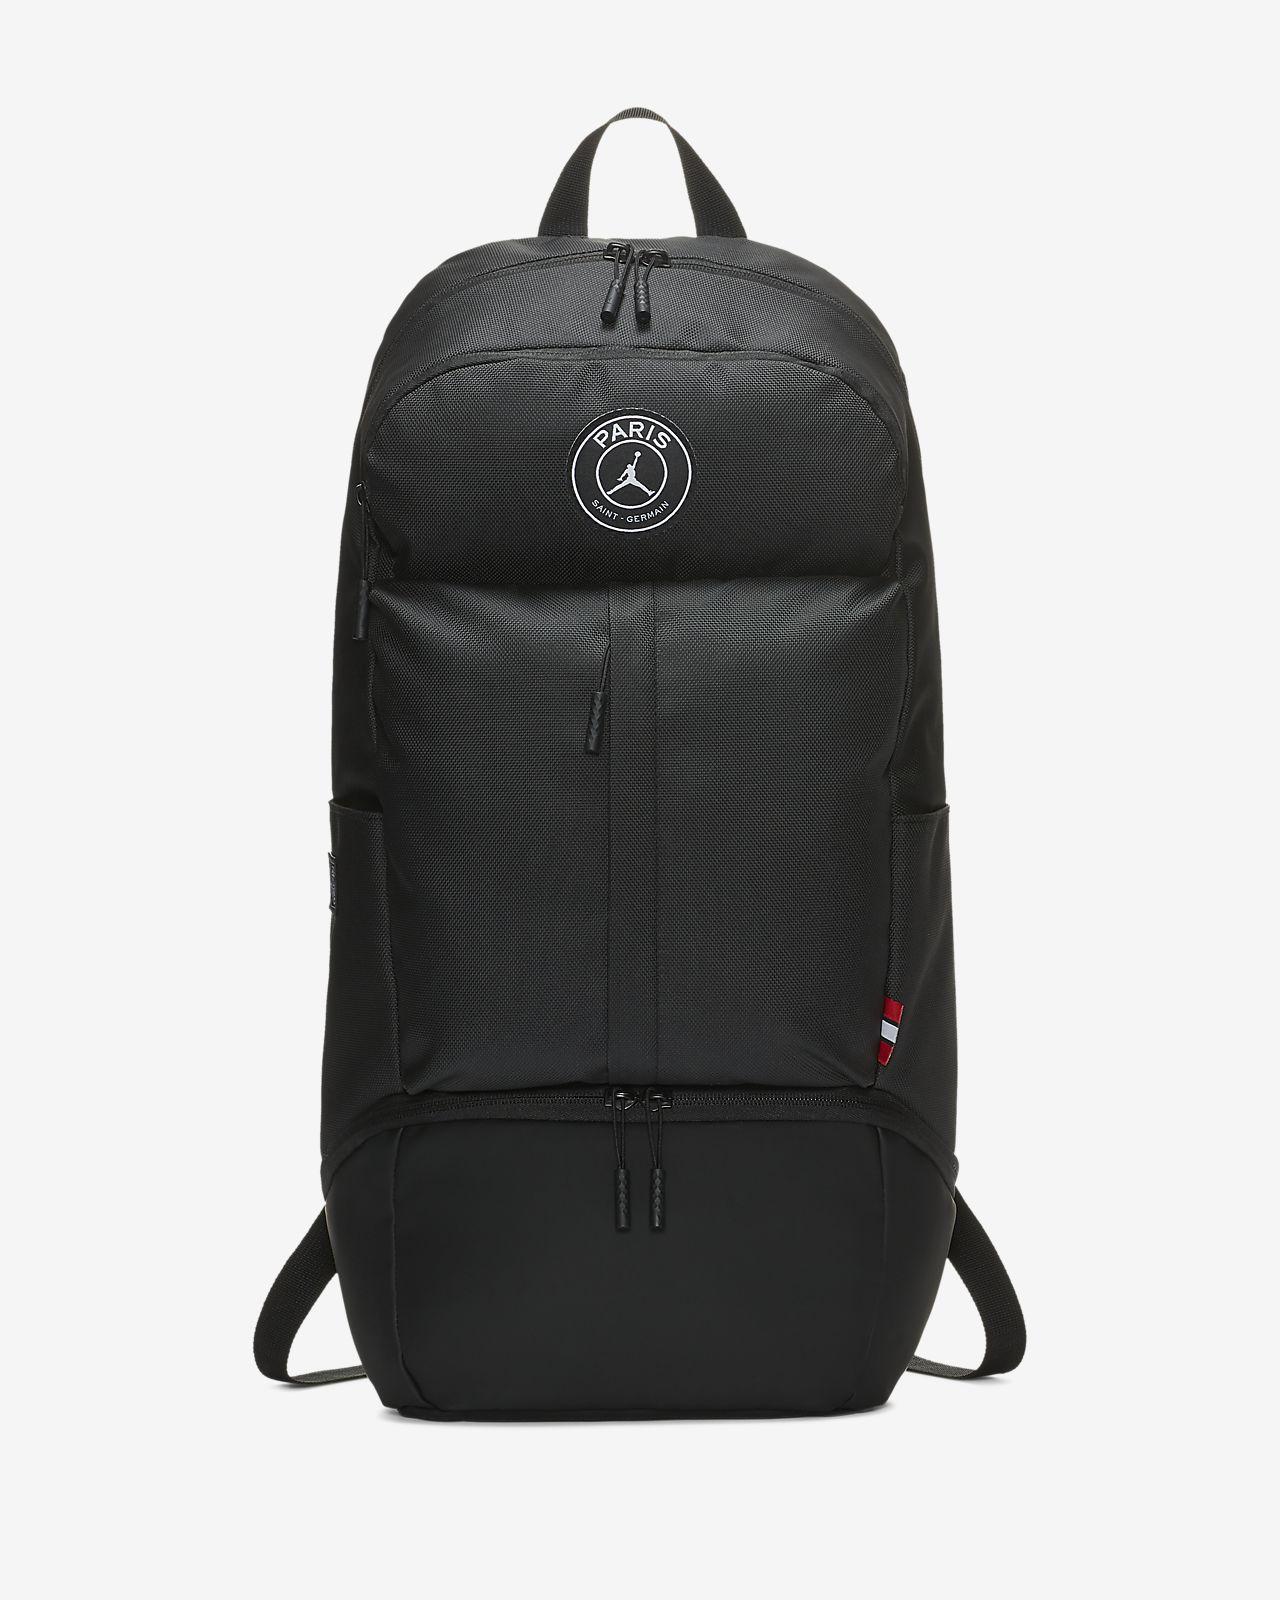 PSG Backpack